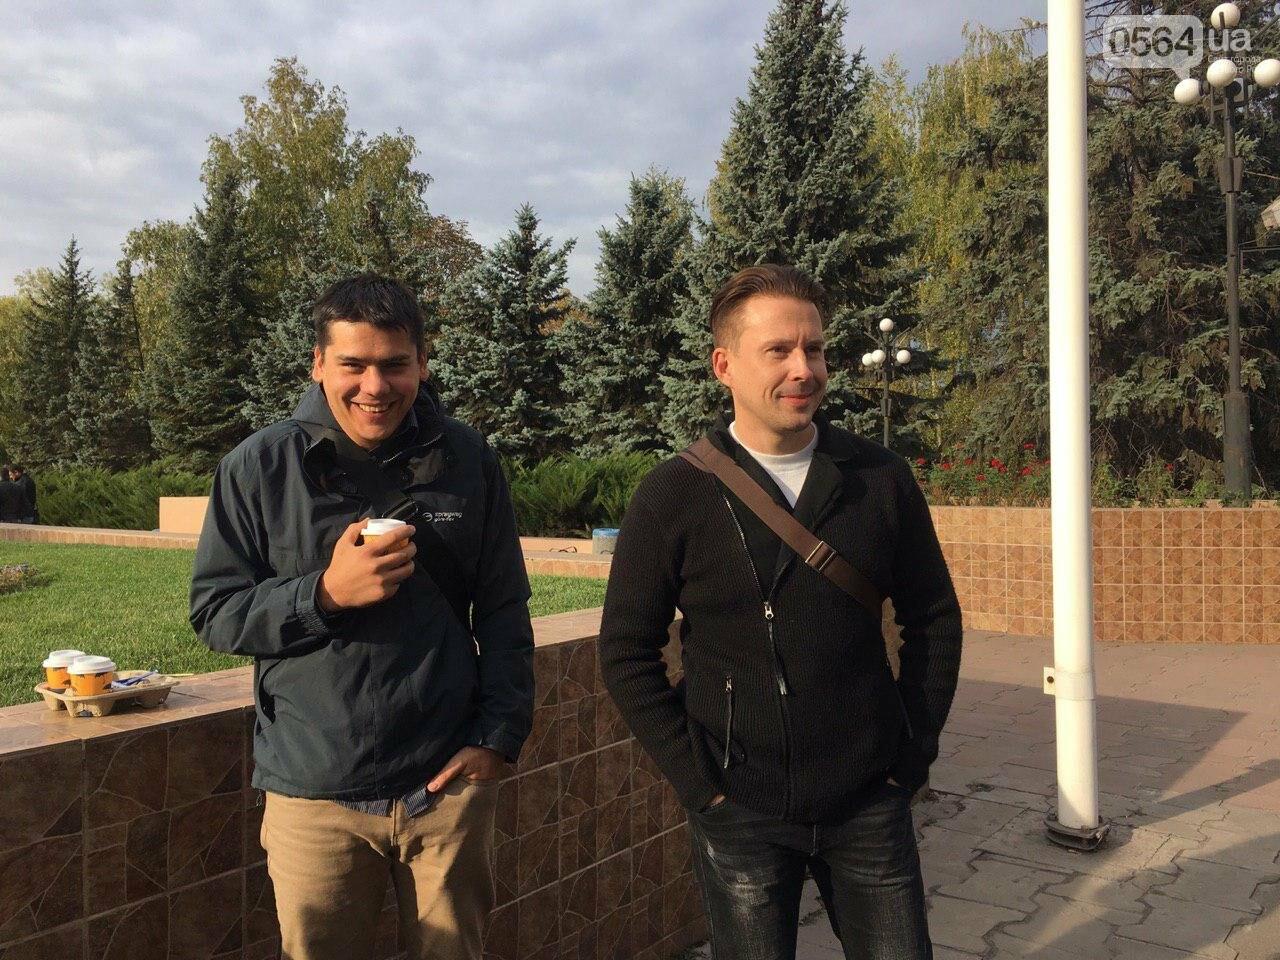 Криворожские активисты вместо Павлова на должность заместителя мэра Кривого Рога предложили Януковича, - ФОТО, ВИДЕО, фото-7